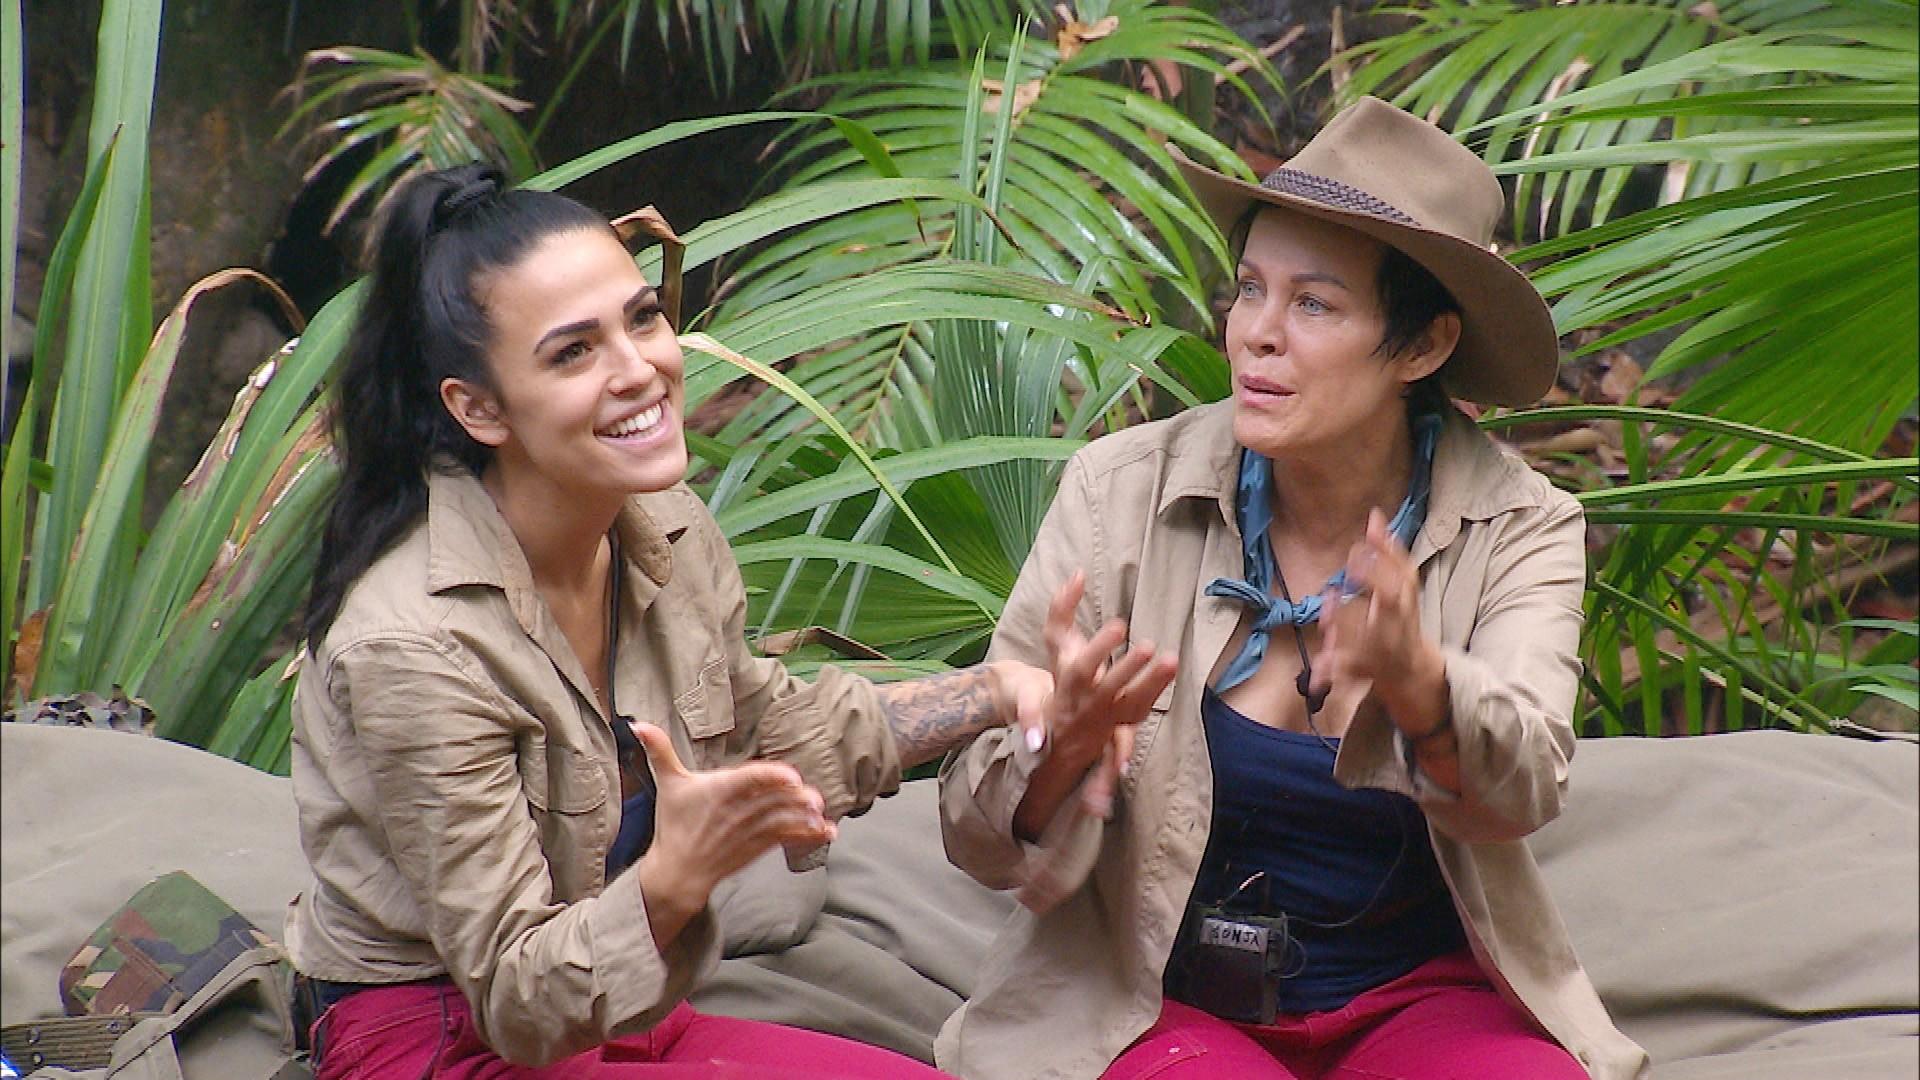 Dschungelcamp 2020 Tag 7 - Elena Miras